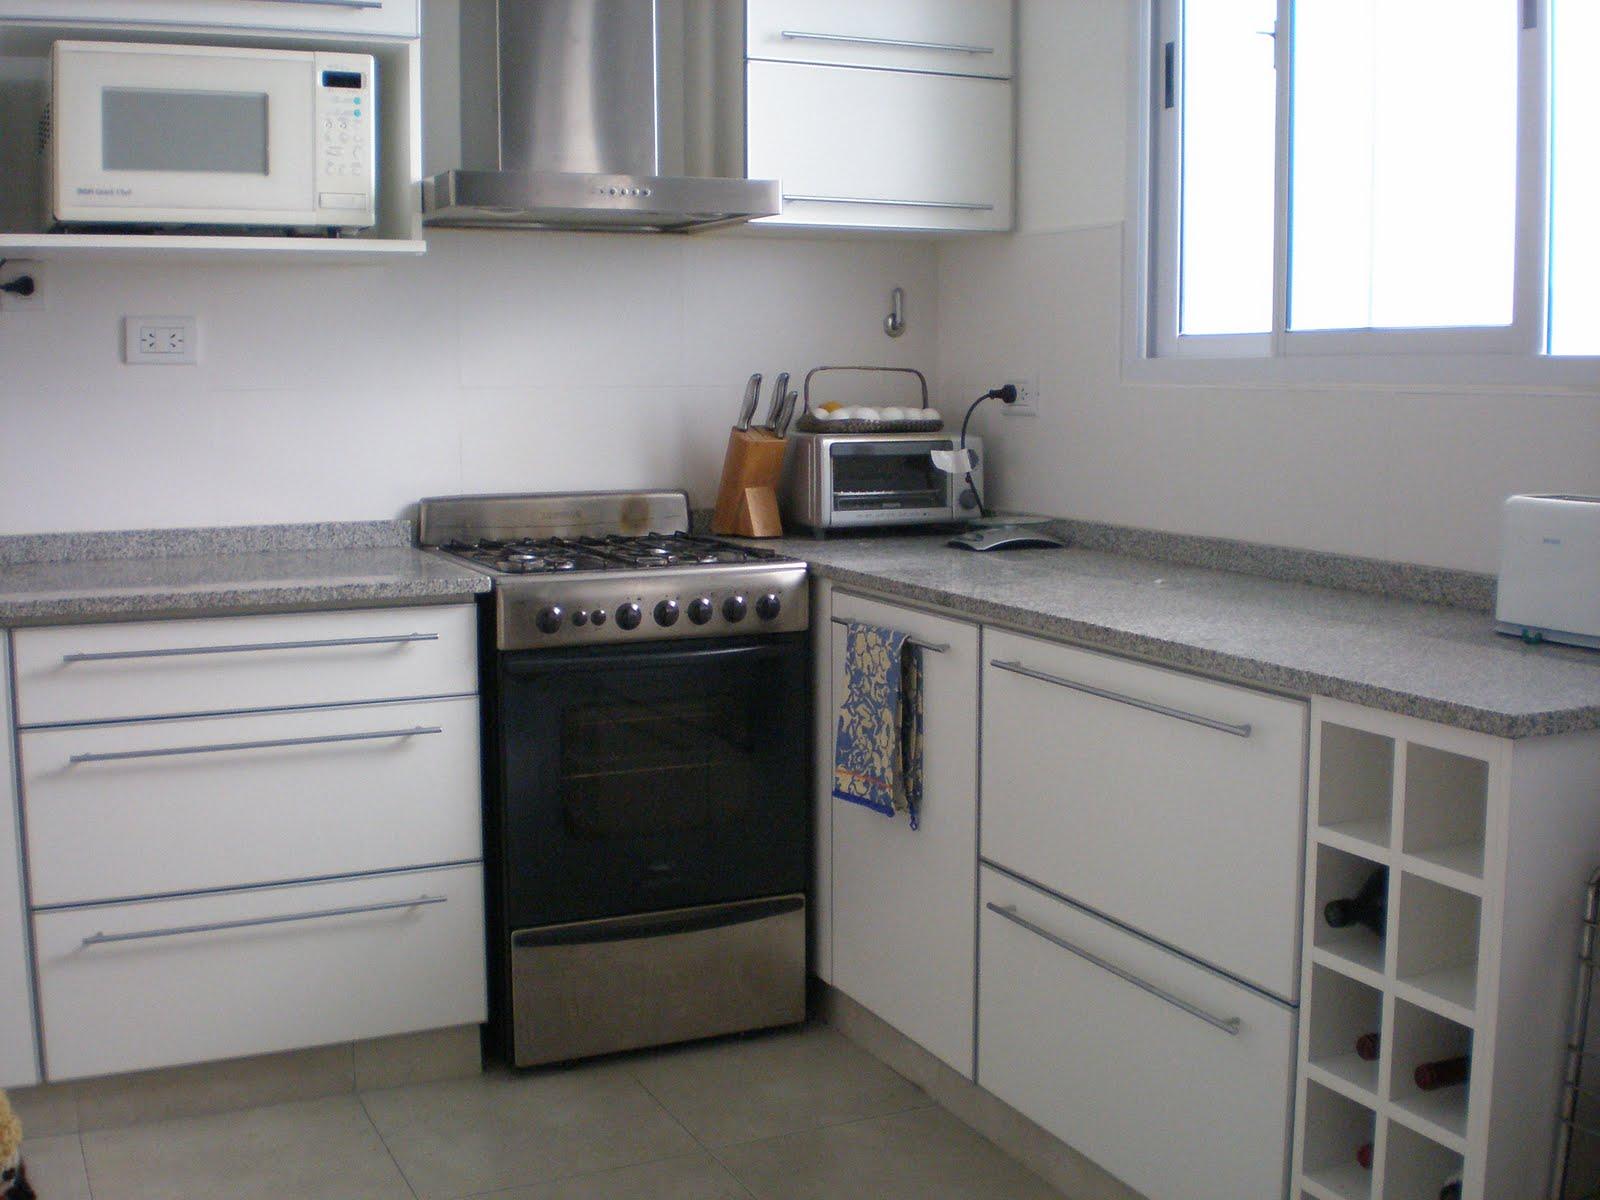 Huara muebles muebles de cocina con perfiles de aluminio for Perfiles aluminio para muebles